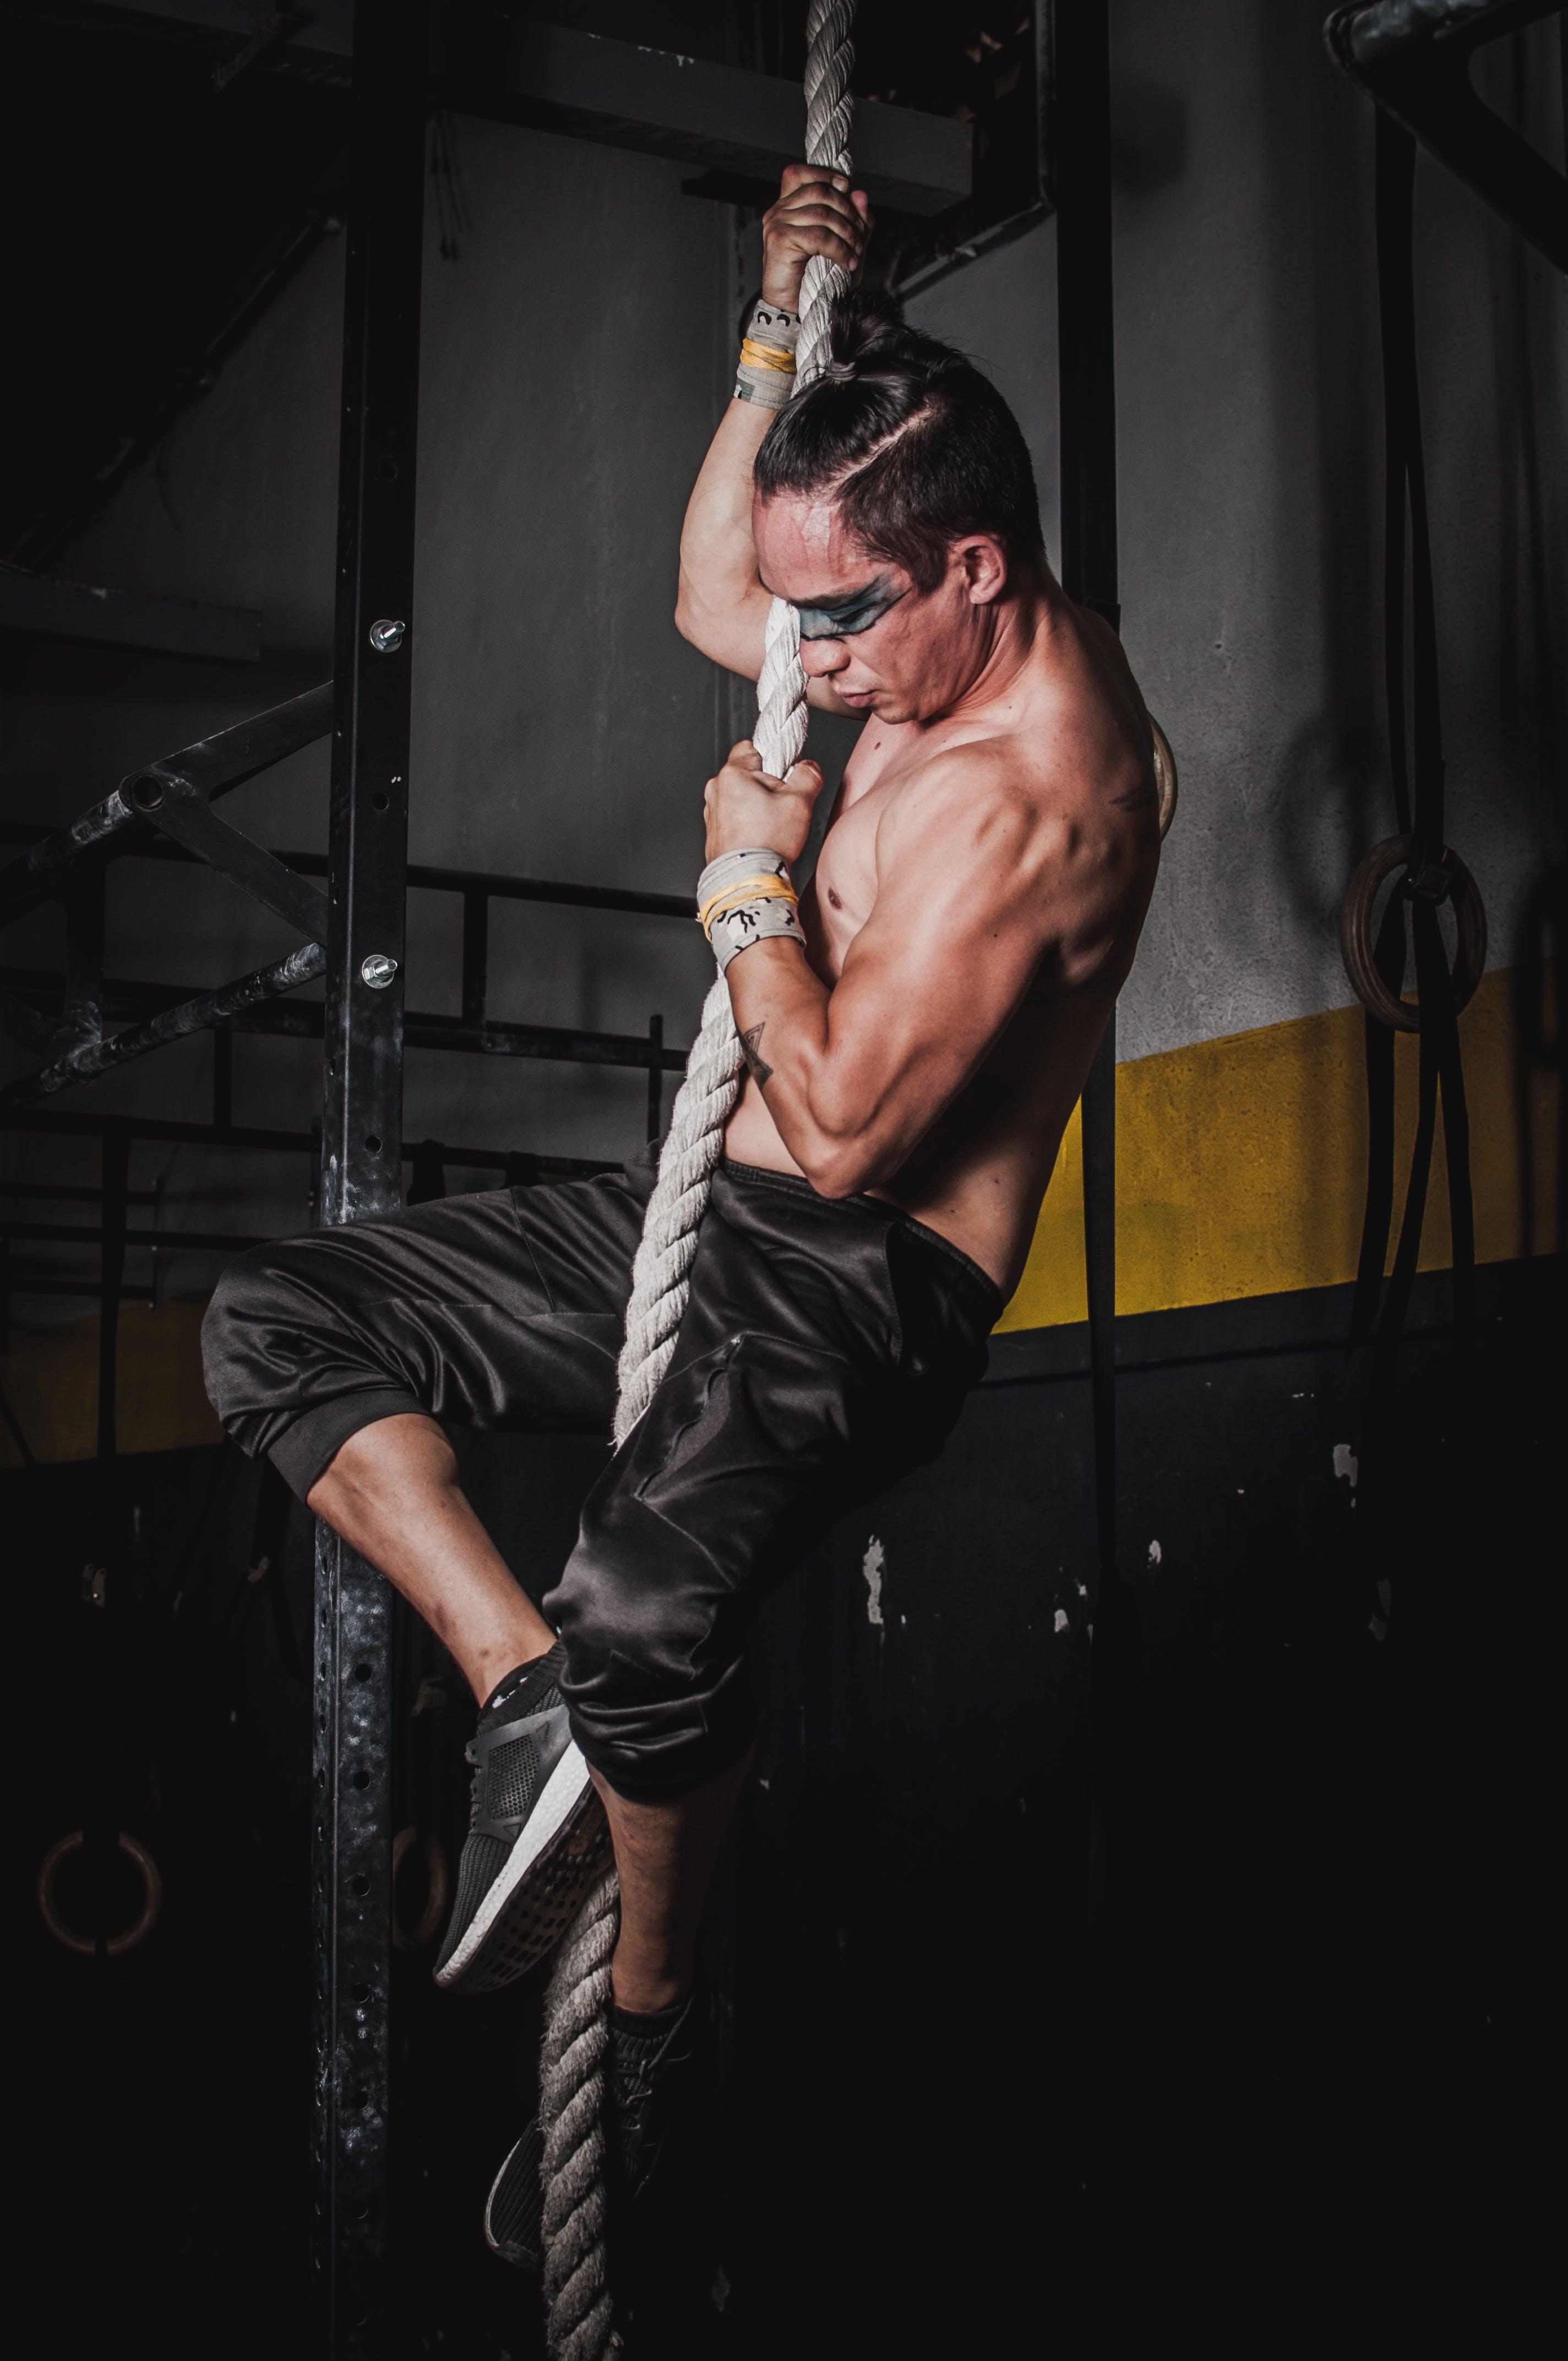 Gratis lagerfoto af atlet, klatre, mand, punk